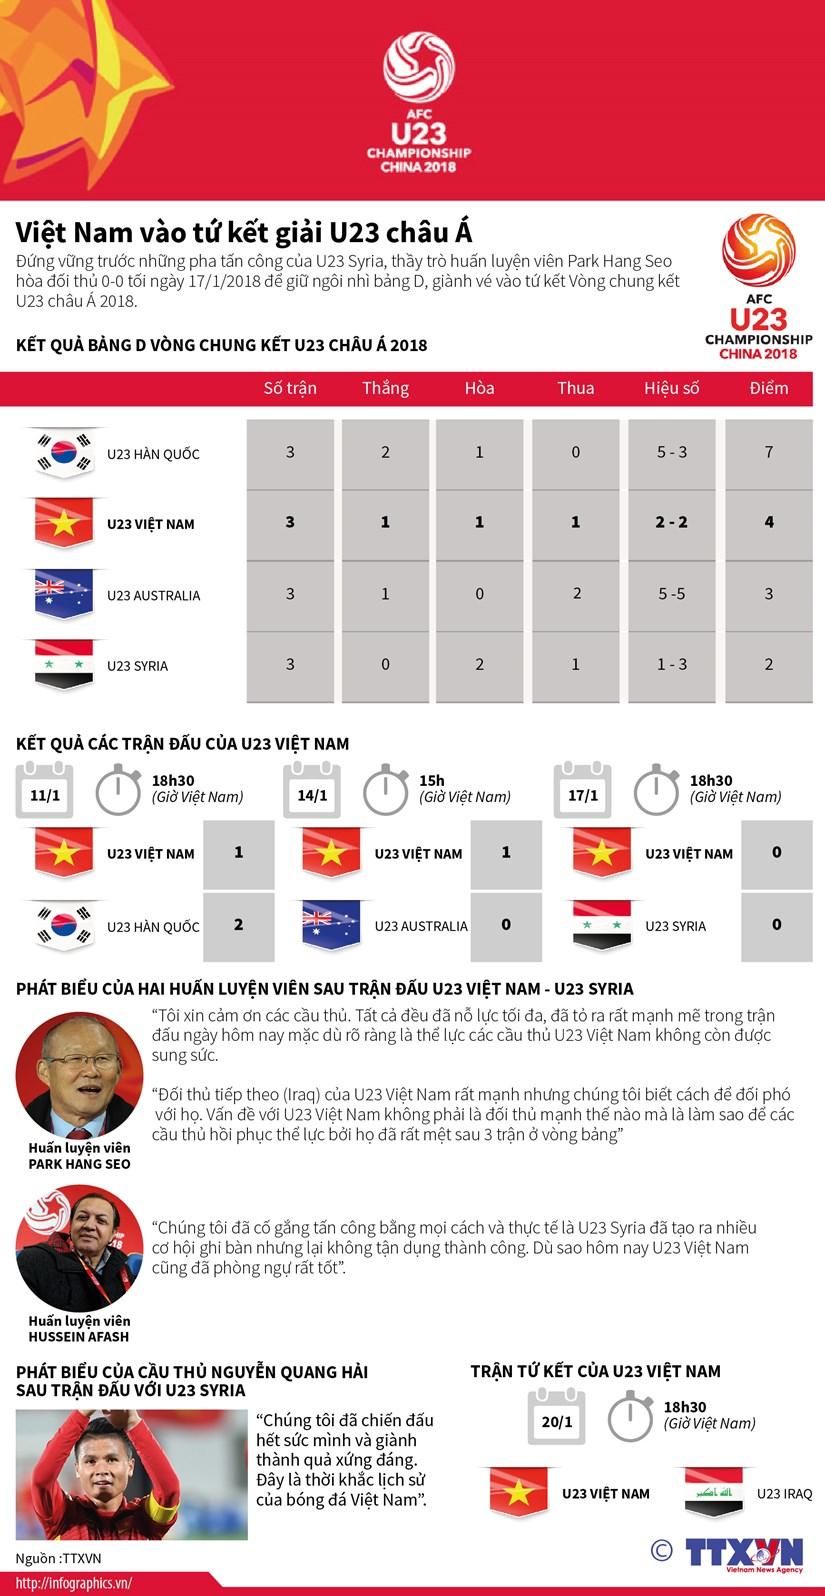 [Infographics] Viet Nam gianh ve vao tu ket giai U23 chau A hinh anh 1